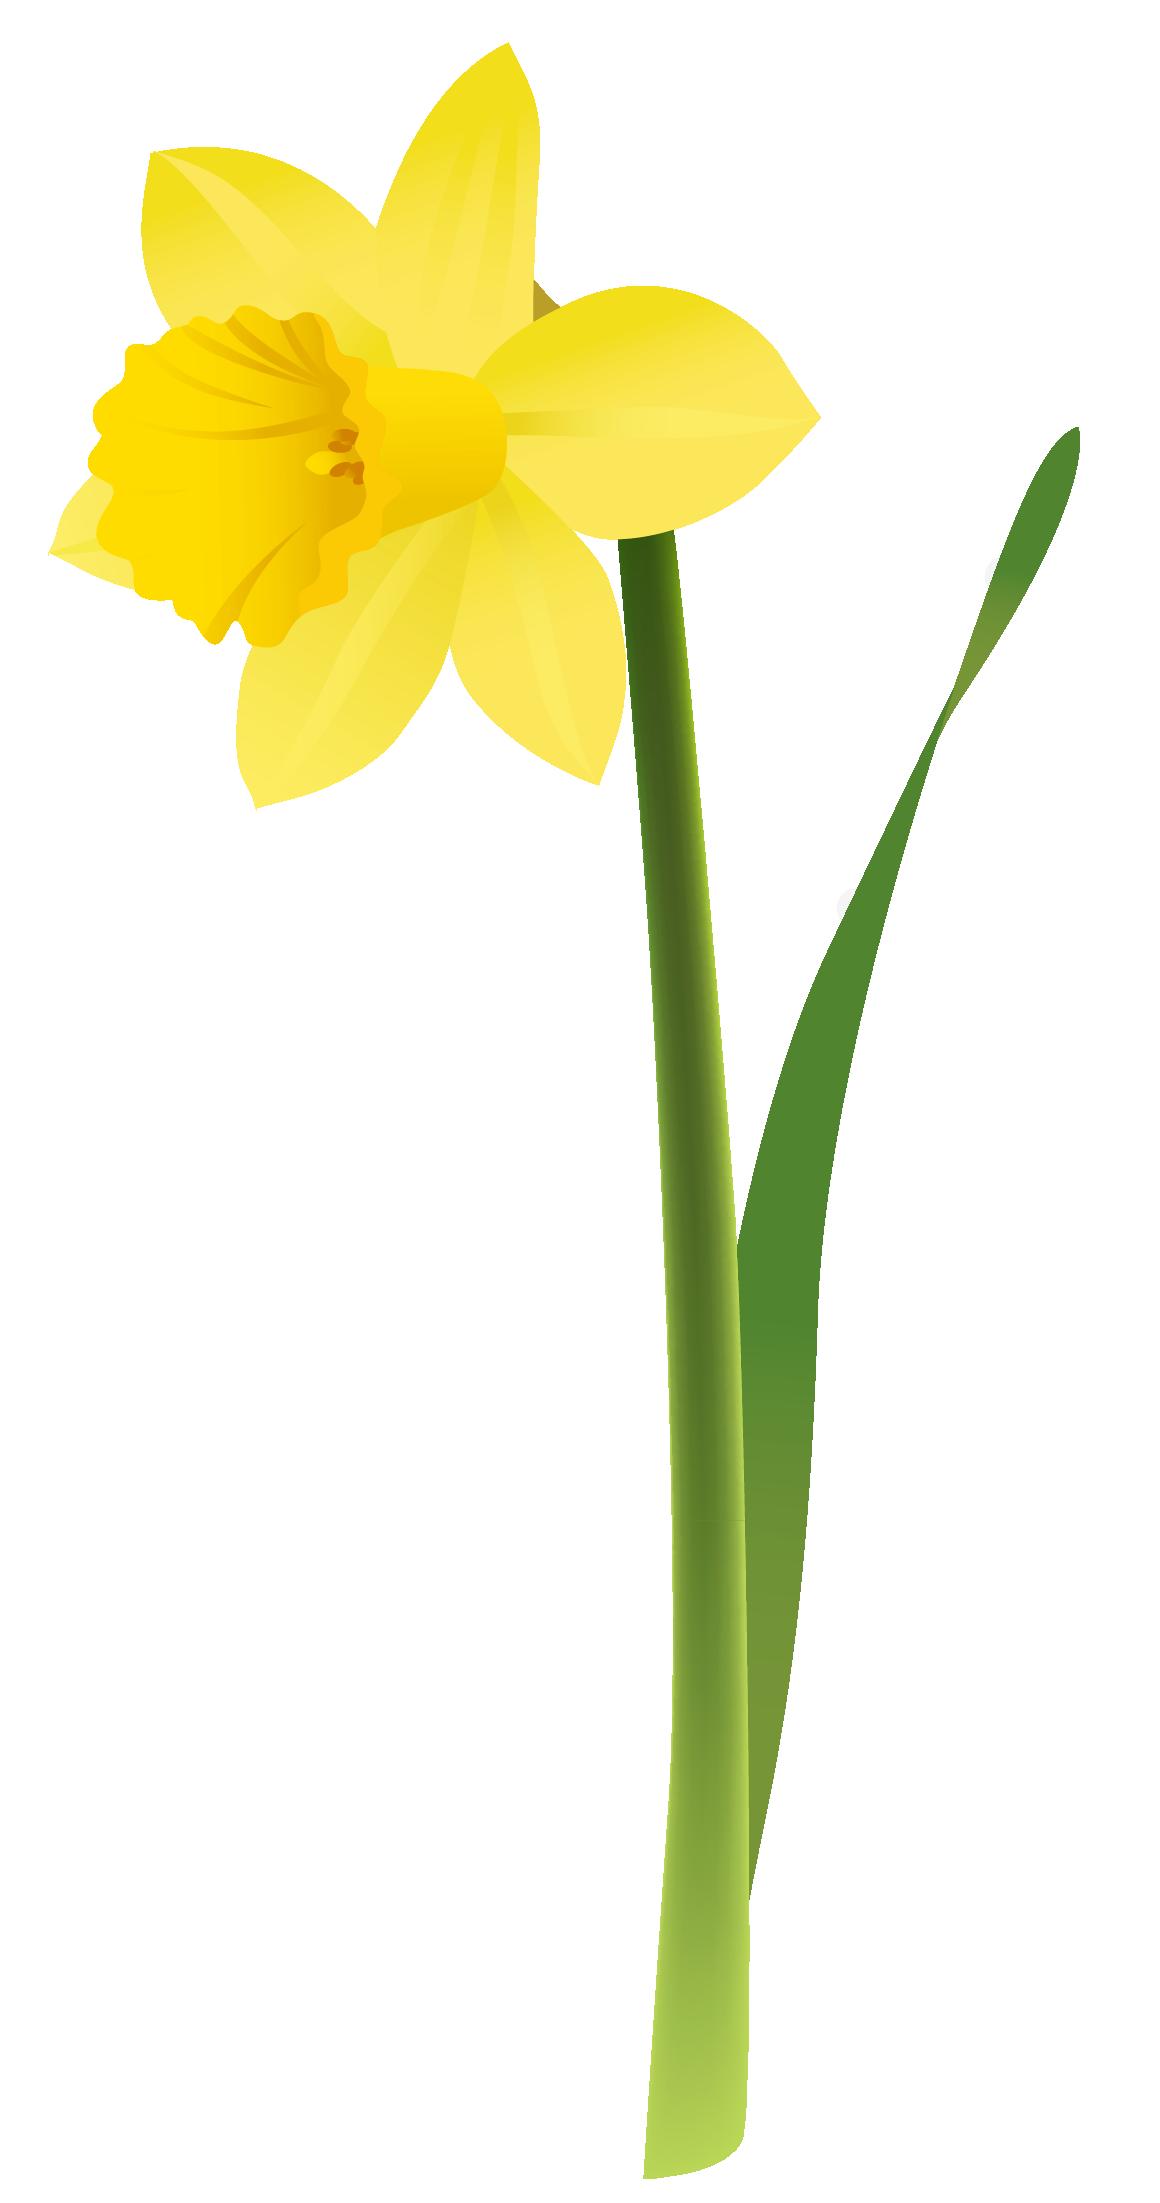 Daffodil Clipart - Clipart Kid